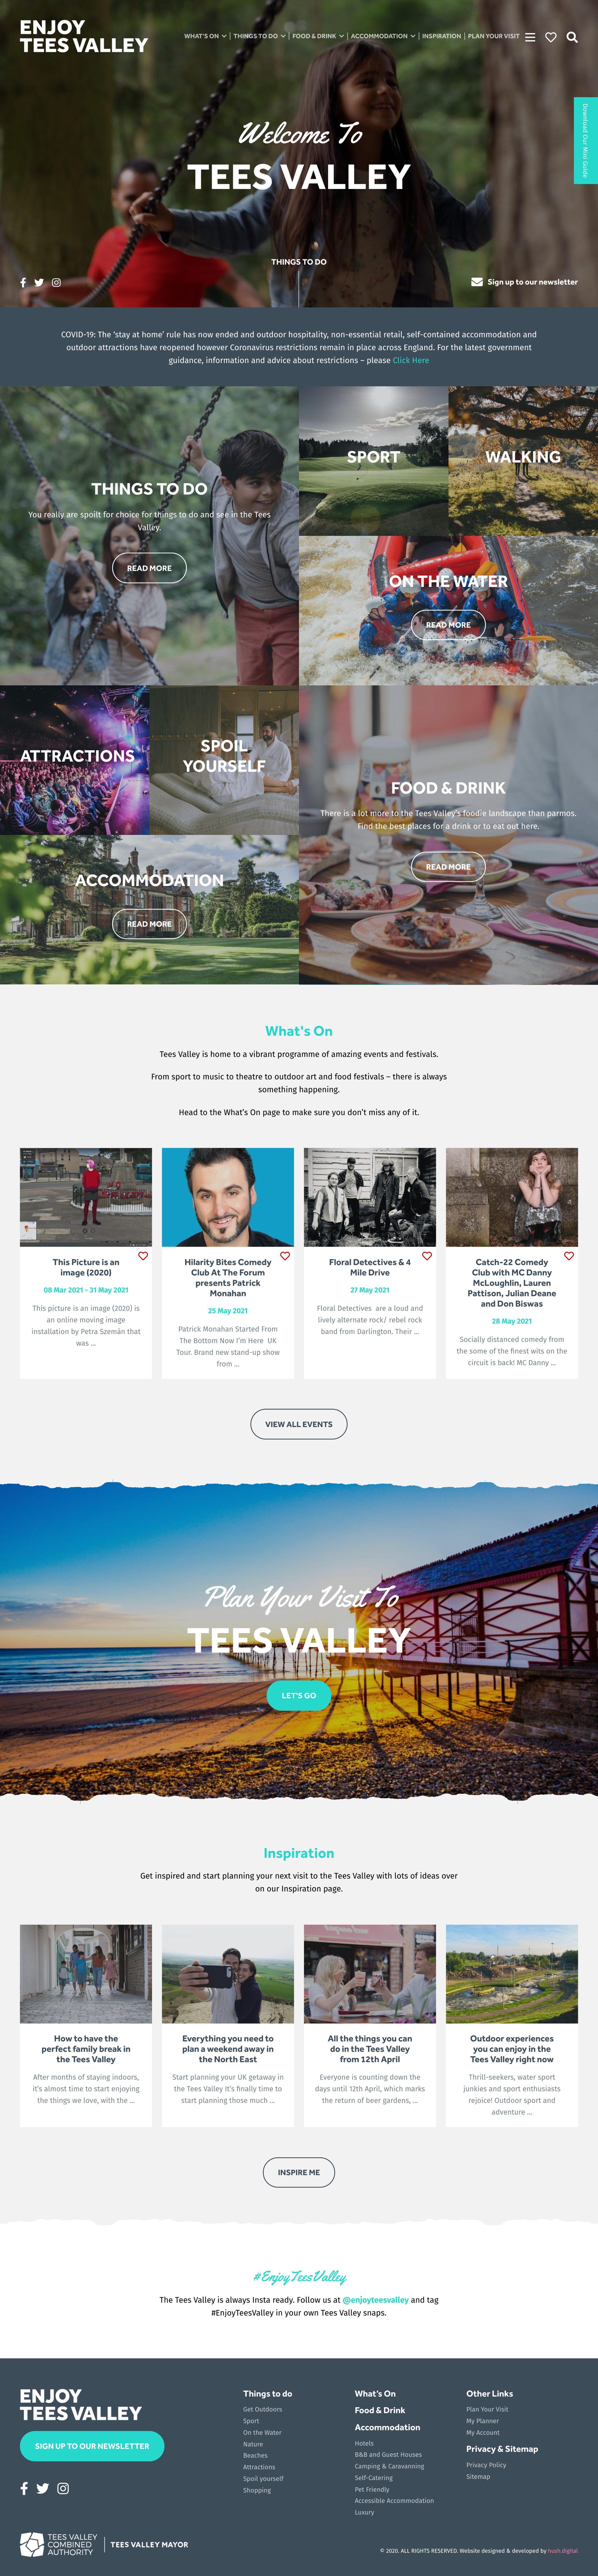 Enjoy Tees Valley Website